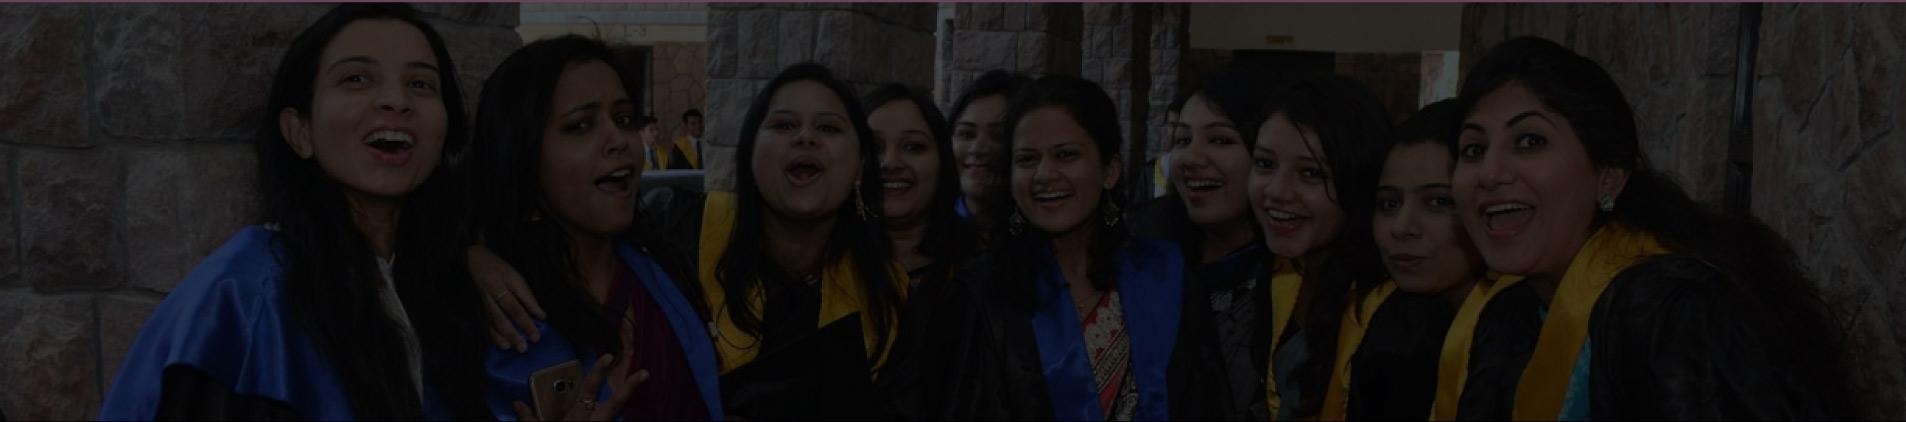 Group photo of IIHMR students